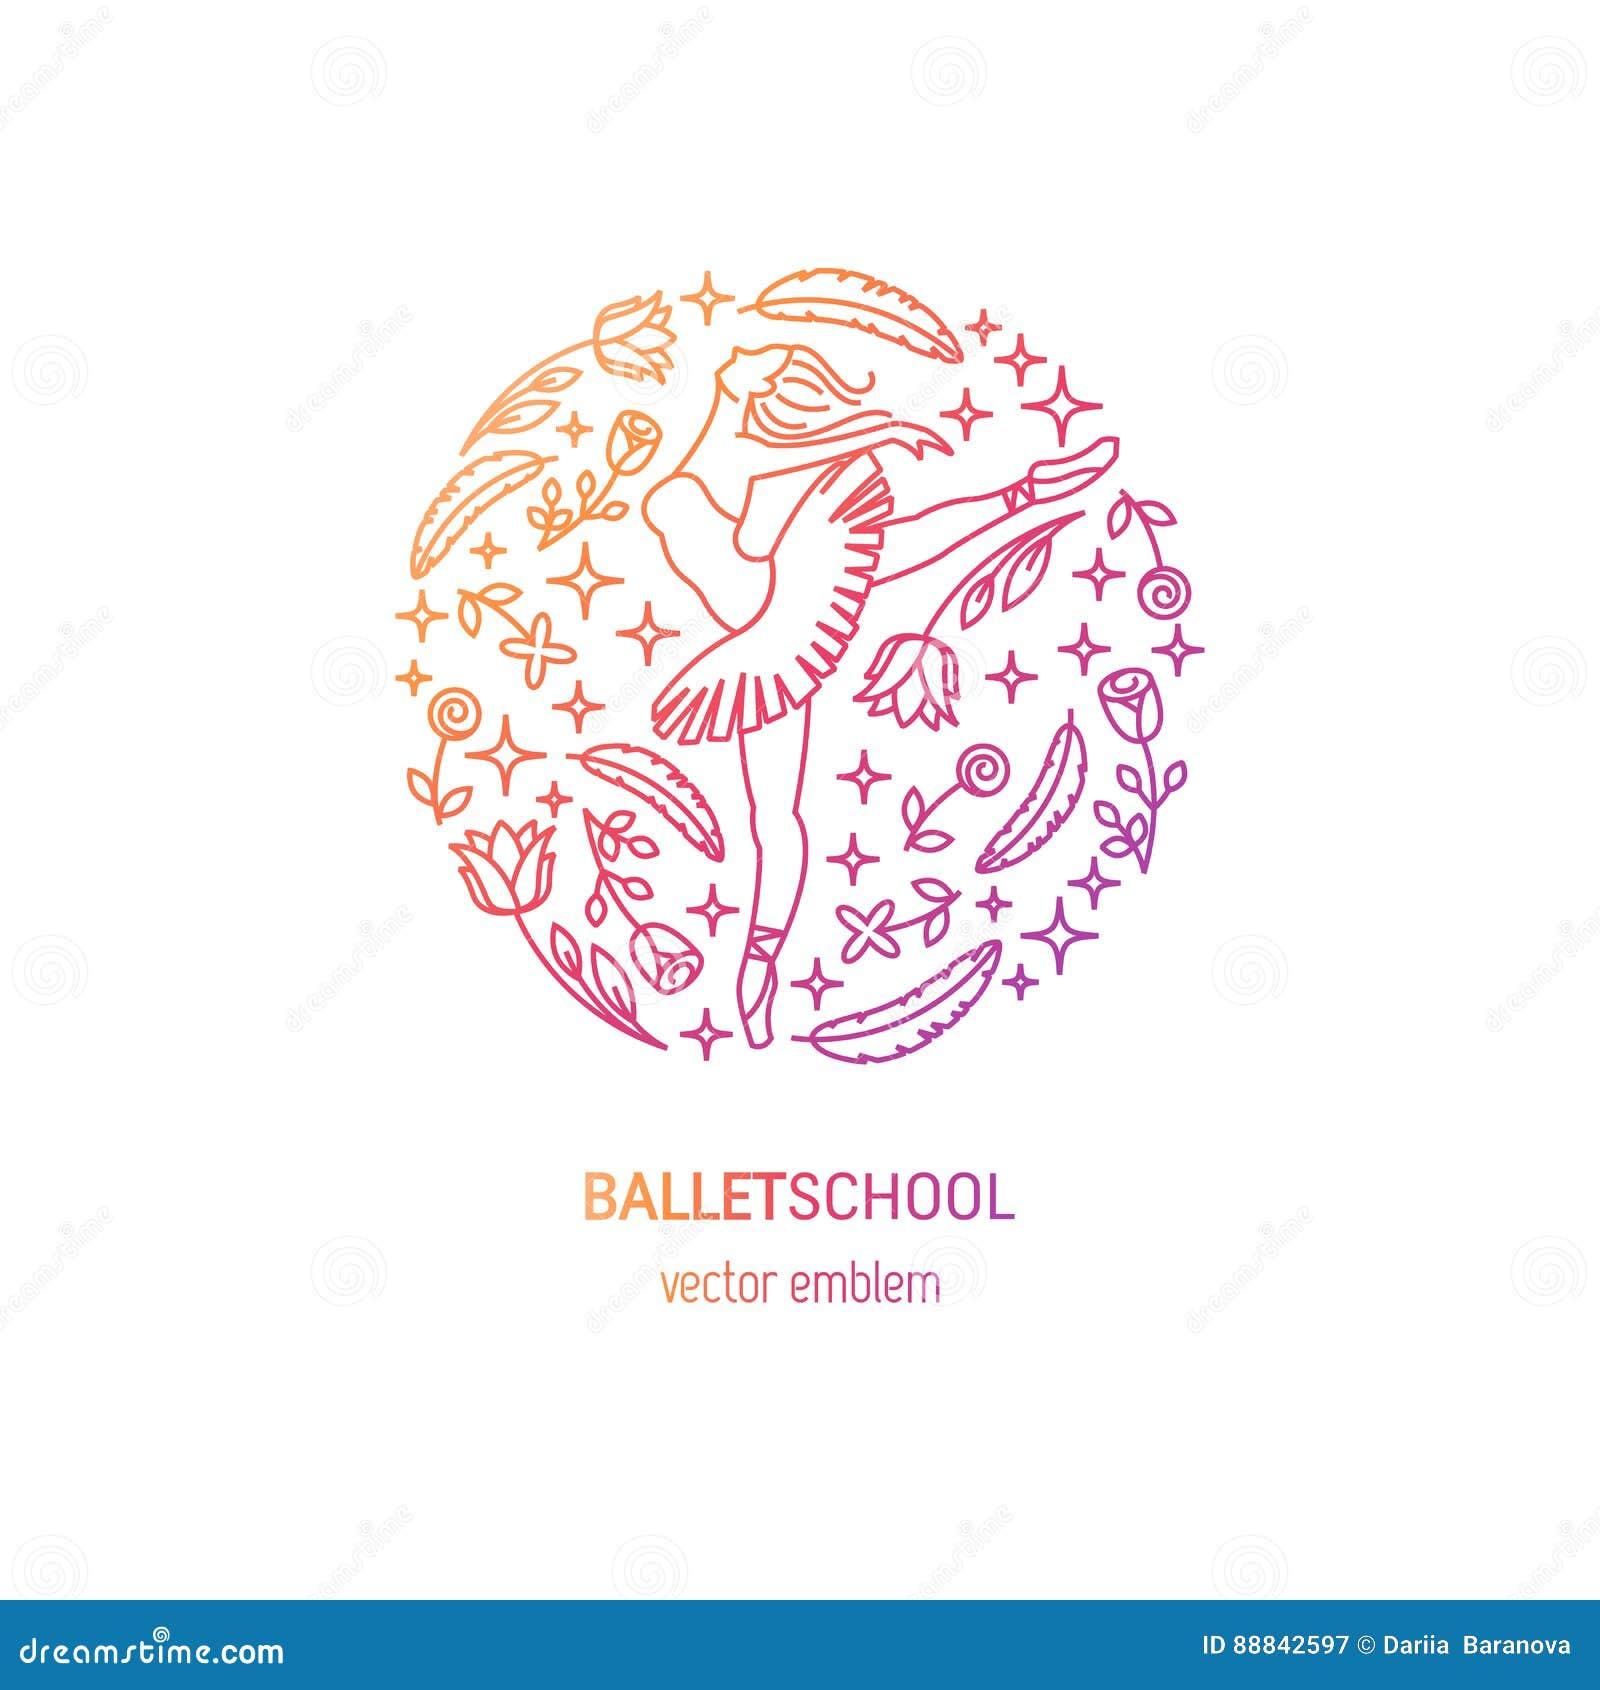 ballet school logo stock vector illustration of design 88842597